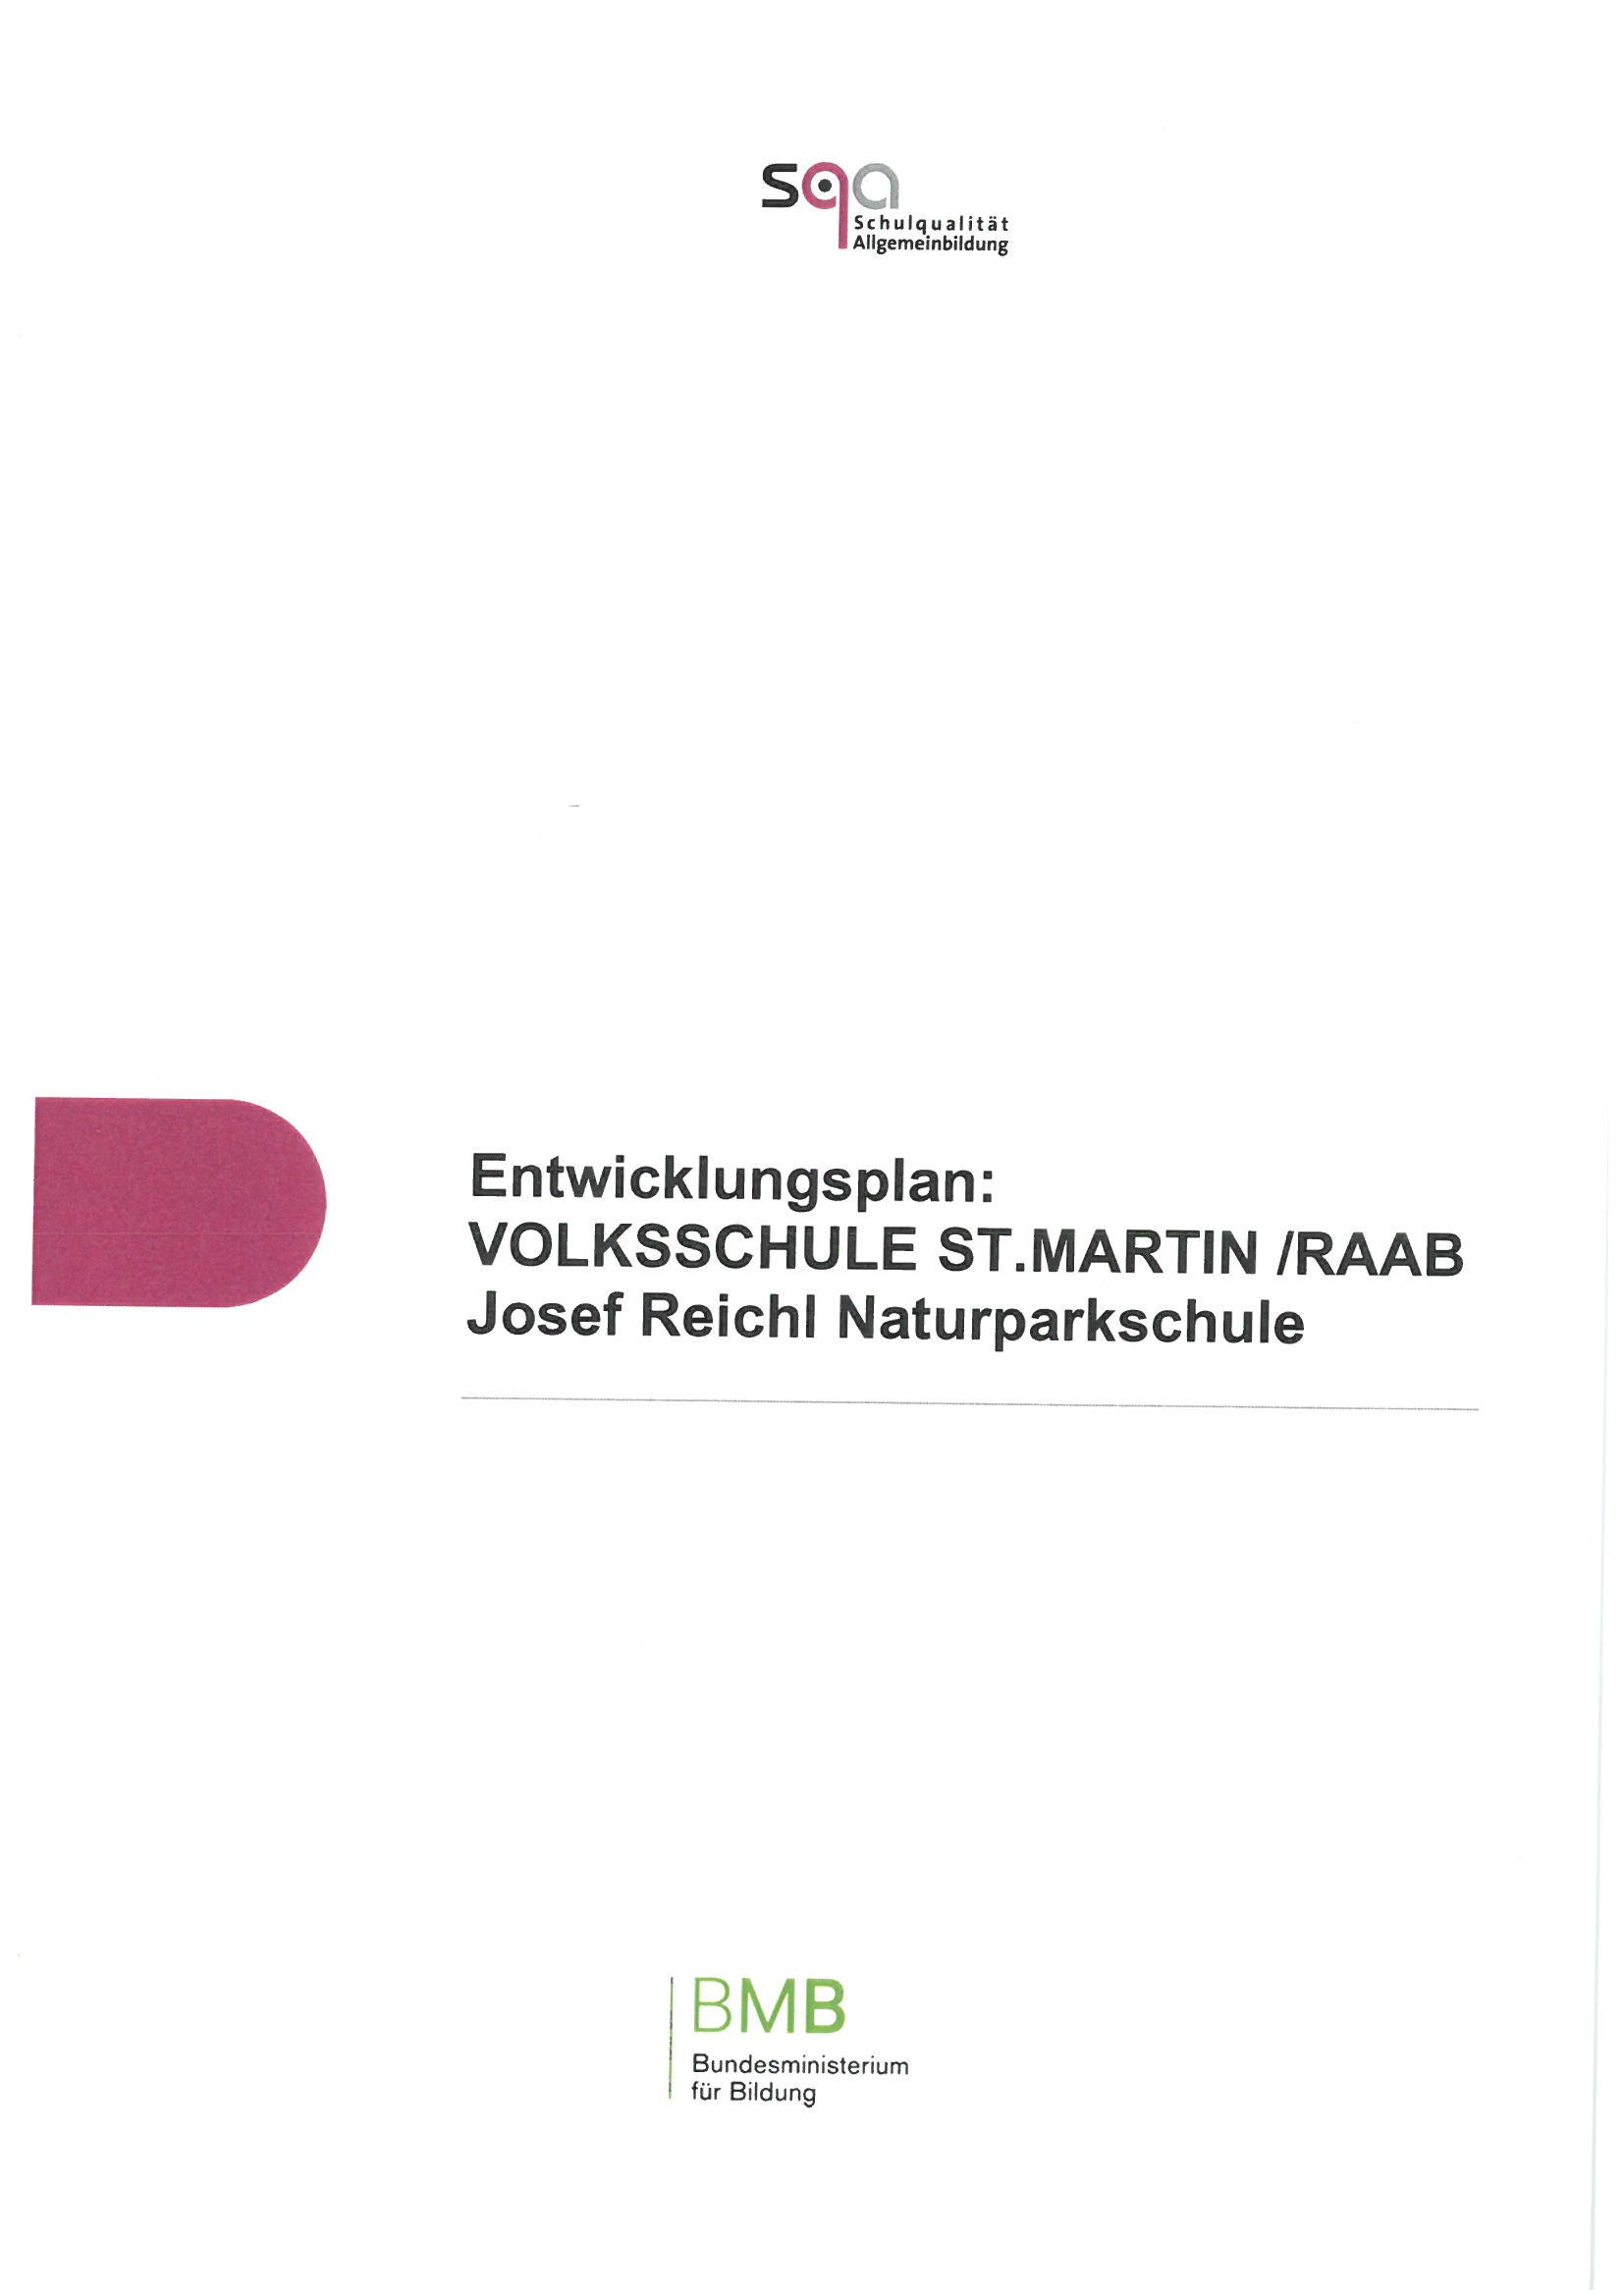 Gemütlich Entwicklungsplan Vorlage Ideen - Entry Level Resume ...